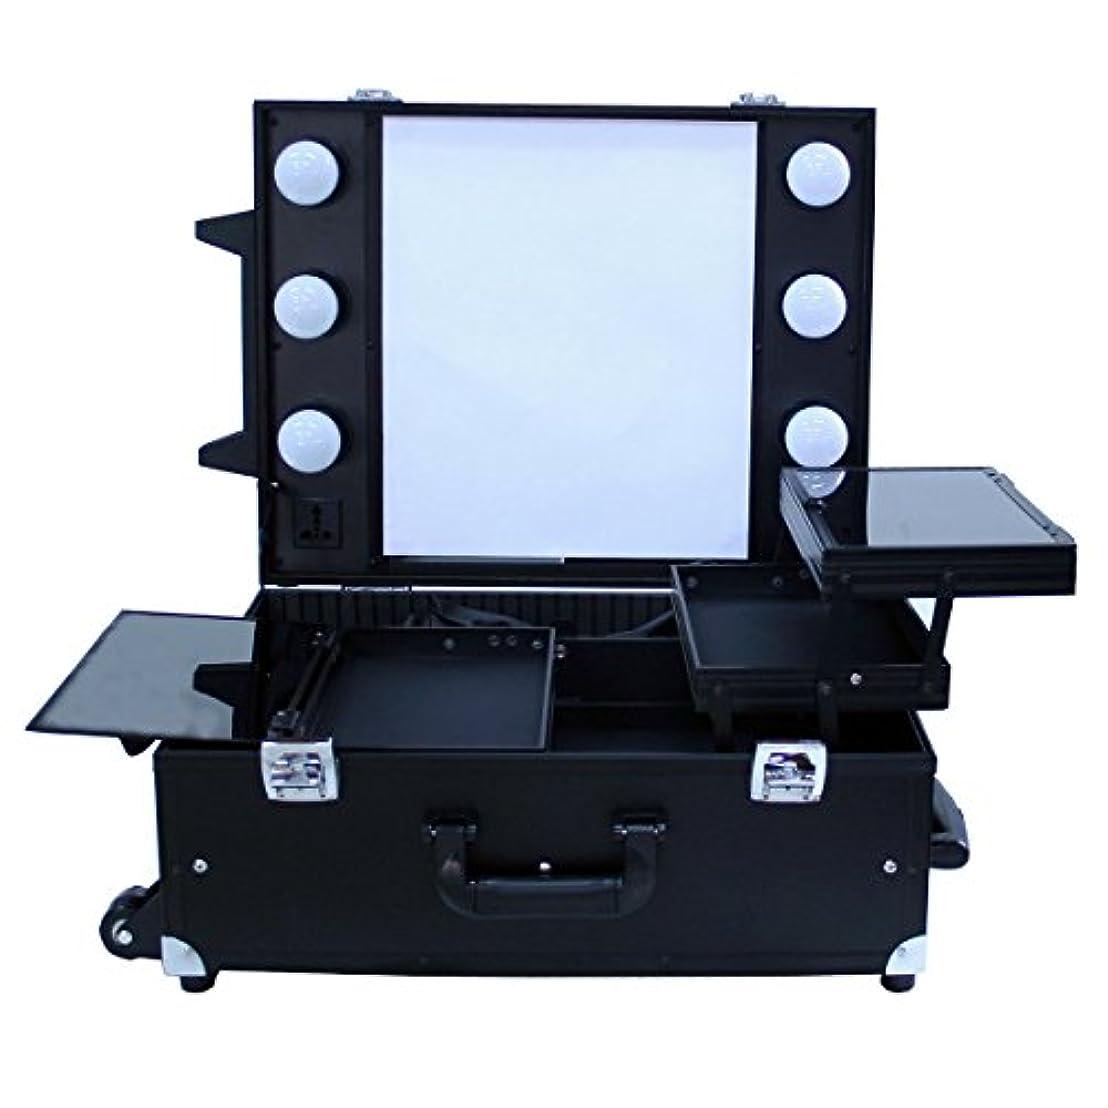 交じる持続する原稿プロ用卓上式メイクステーション DB9552K コスメボックス メイク用品の収納に Desktop Make station (ブラック)